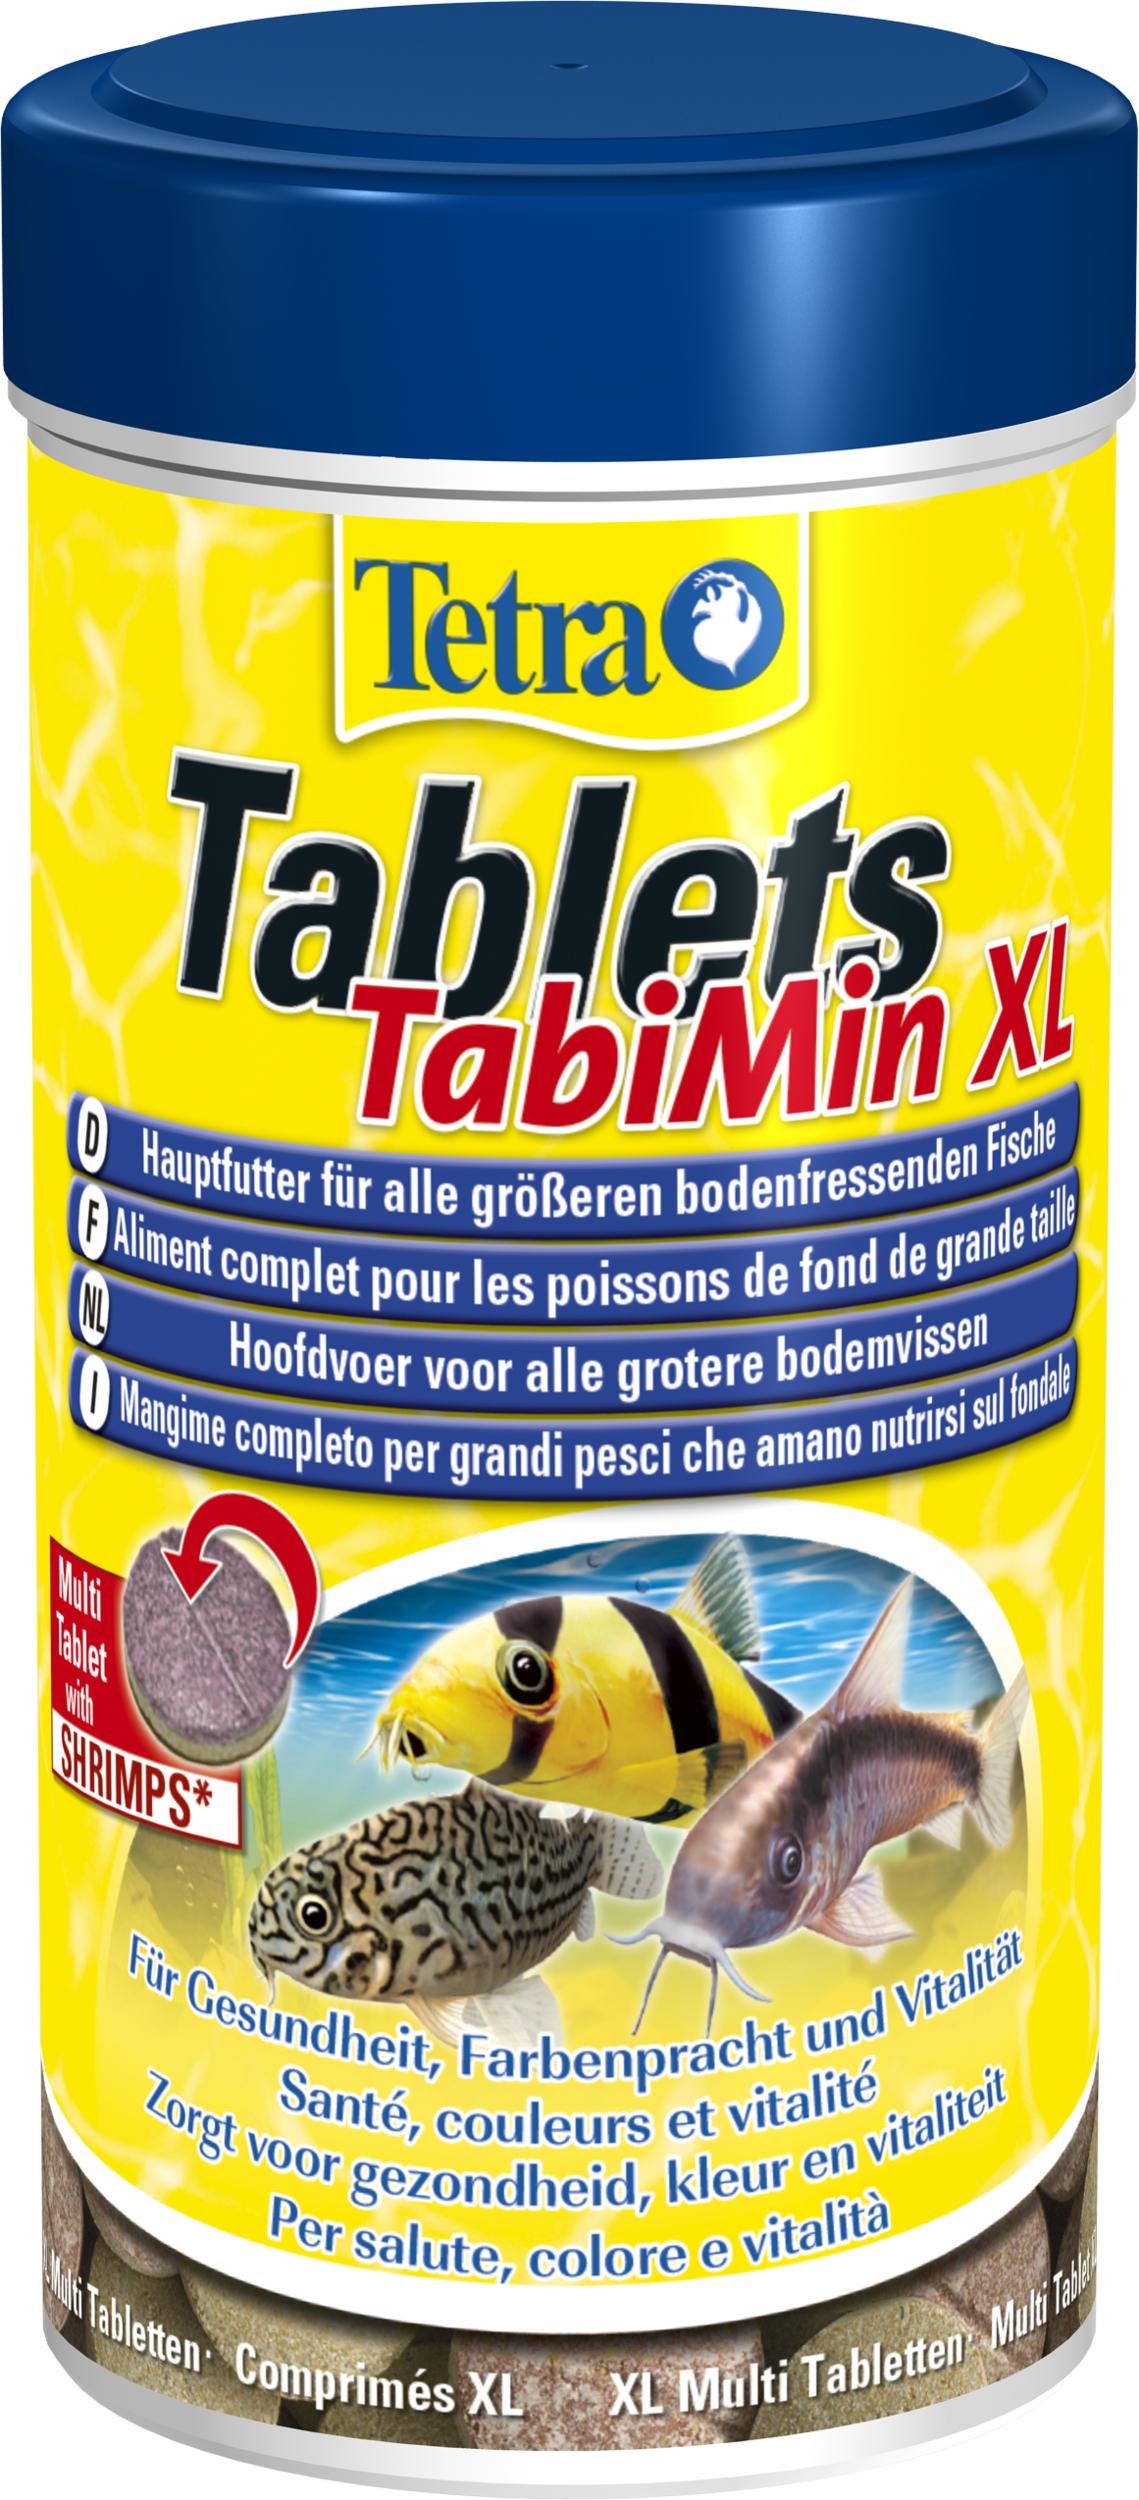 TETRA Tablets TabiMin XL aliment sous forme de comprimés de haute qualité, équilibrés et riches en nutriments pour les grands poissons de fond